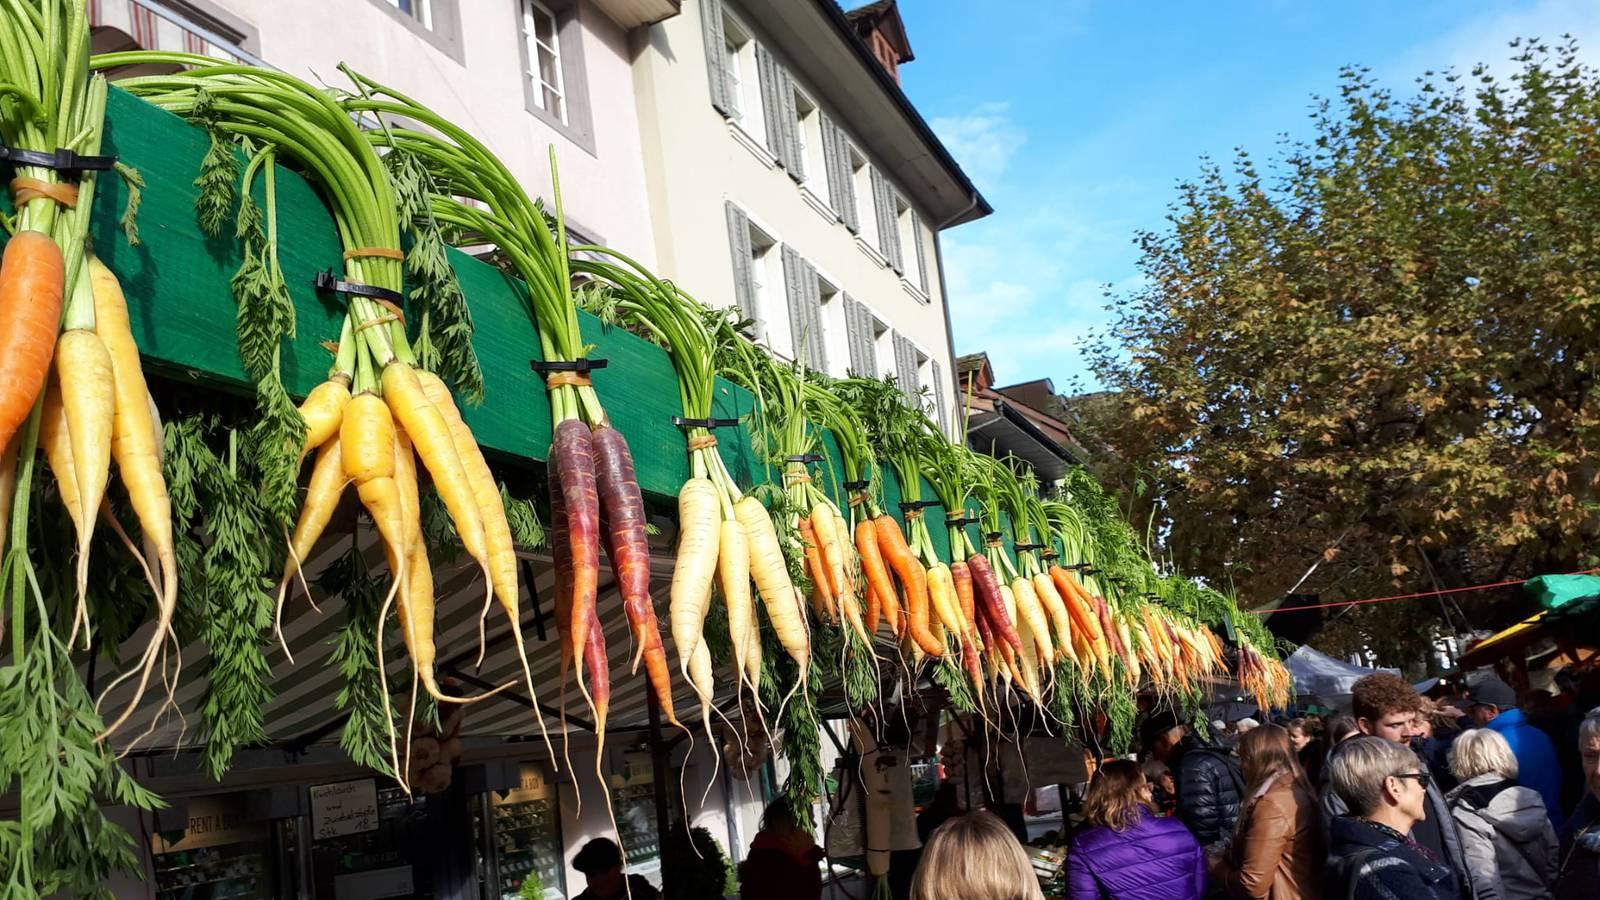 Rüeblimärt in Aarau – Liveblog 2019 (© Mona Martin)